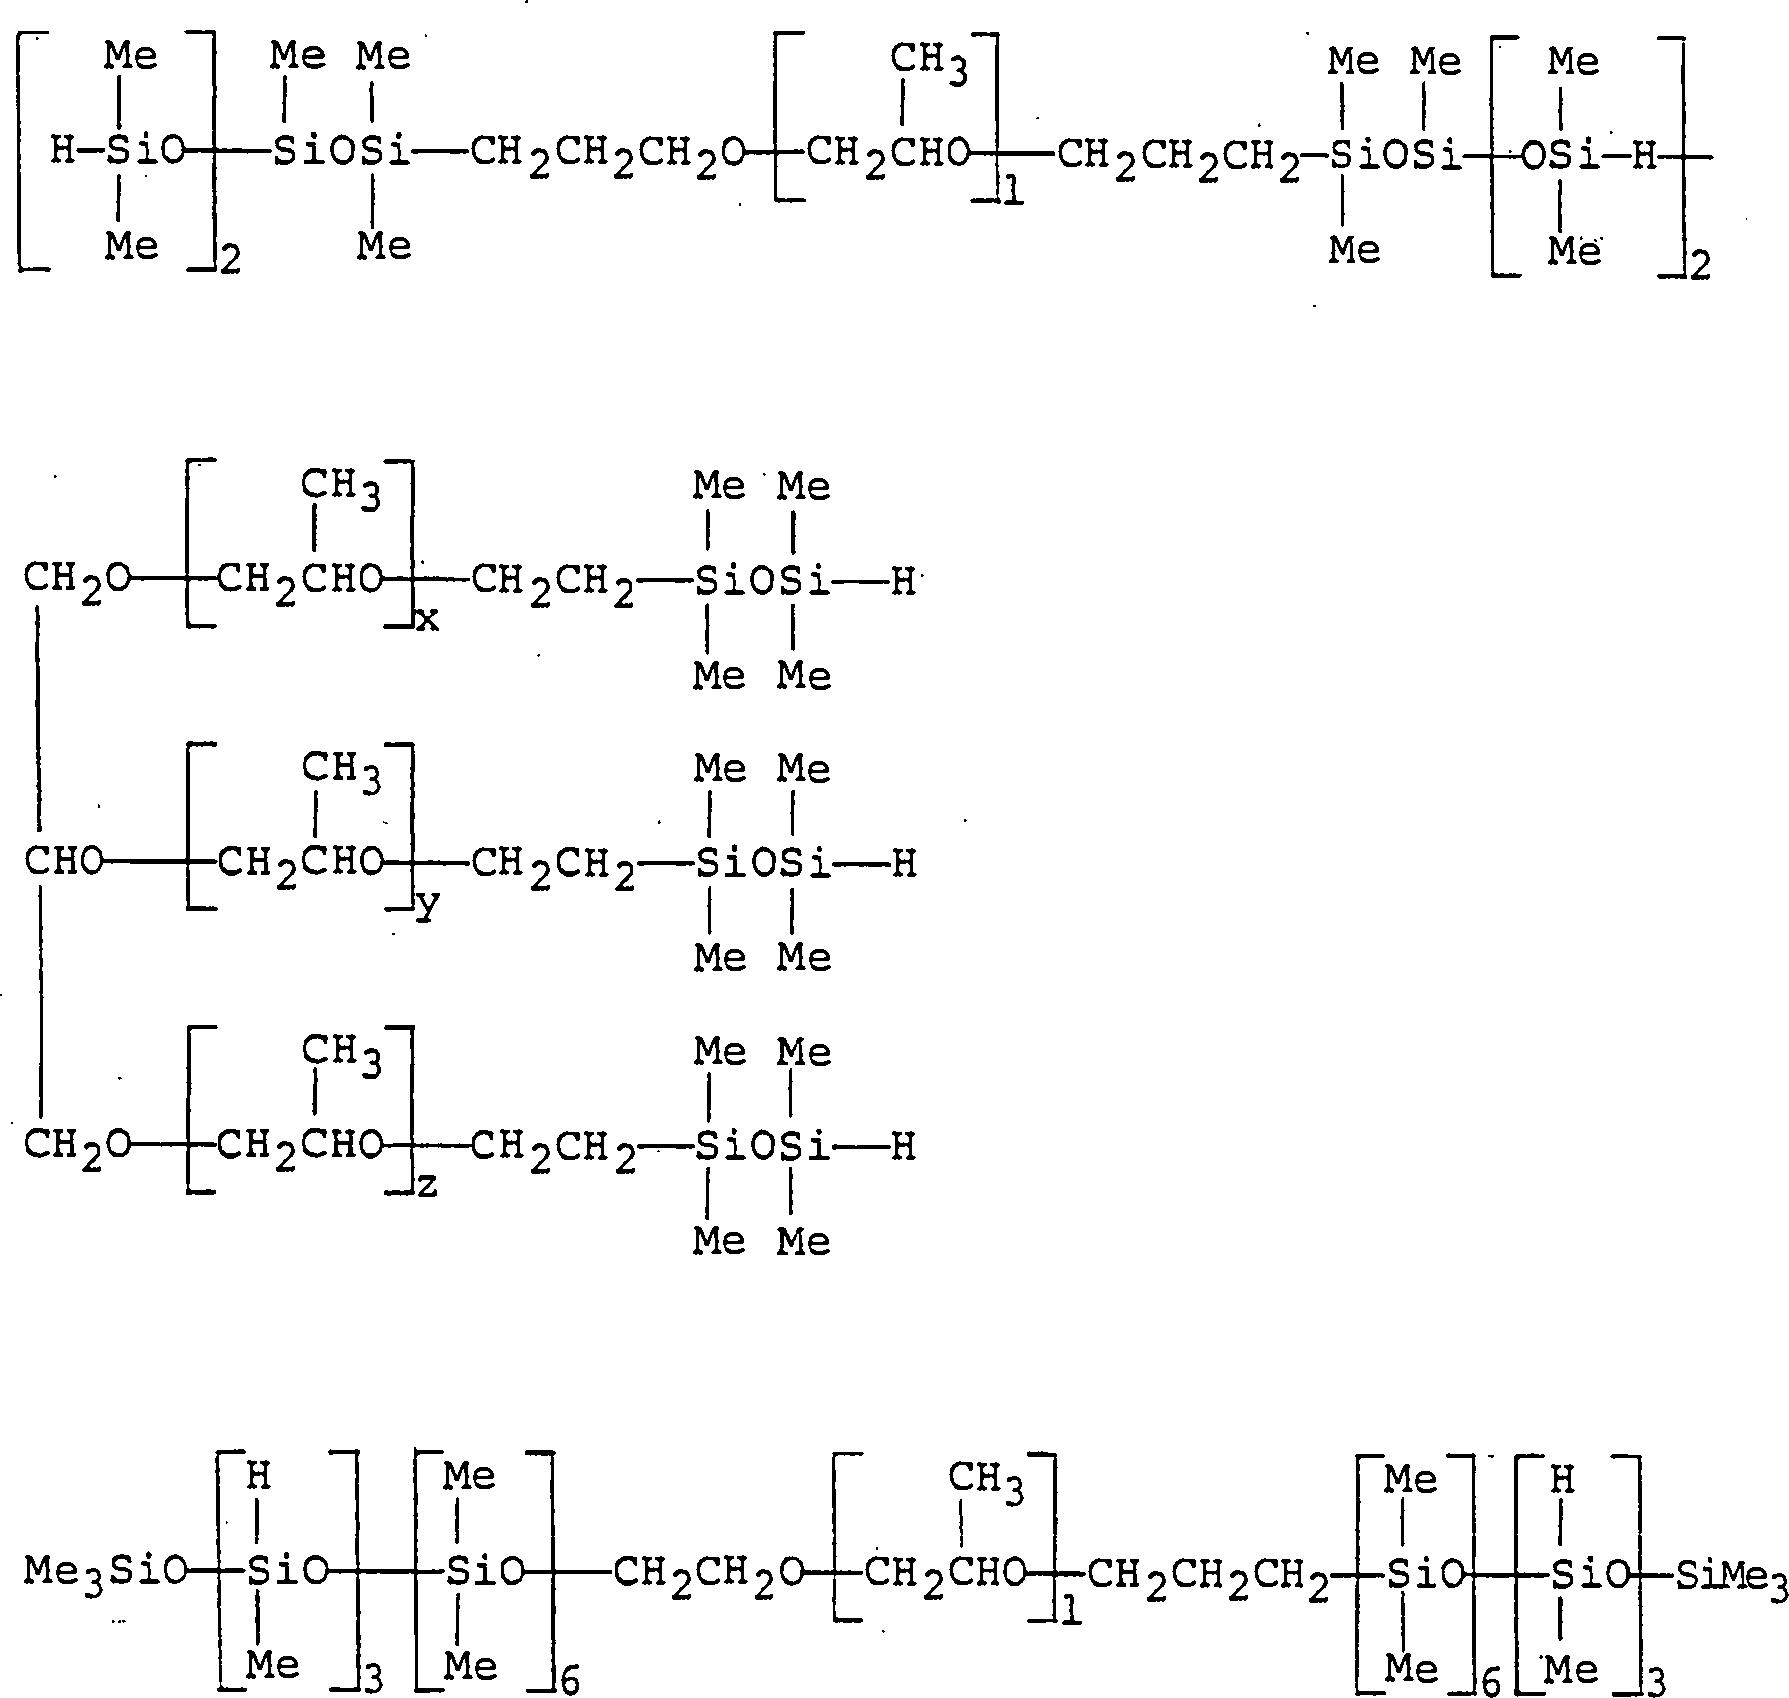 Figure DE000019719438C5_0016